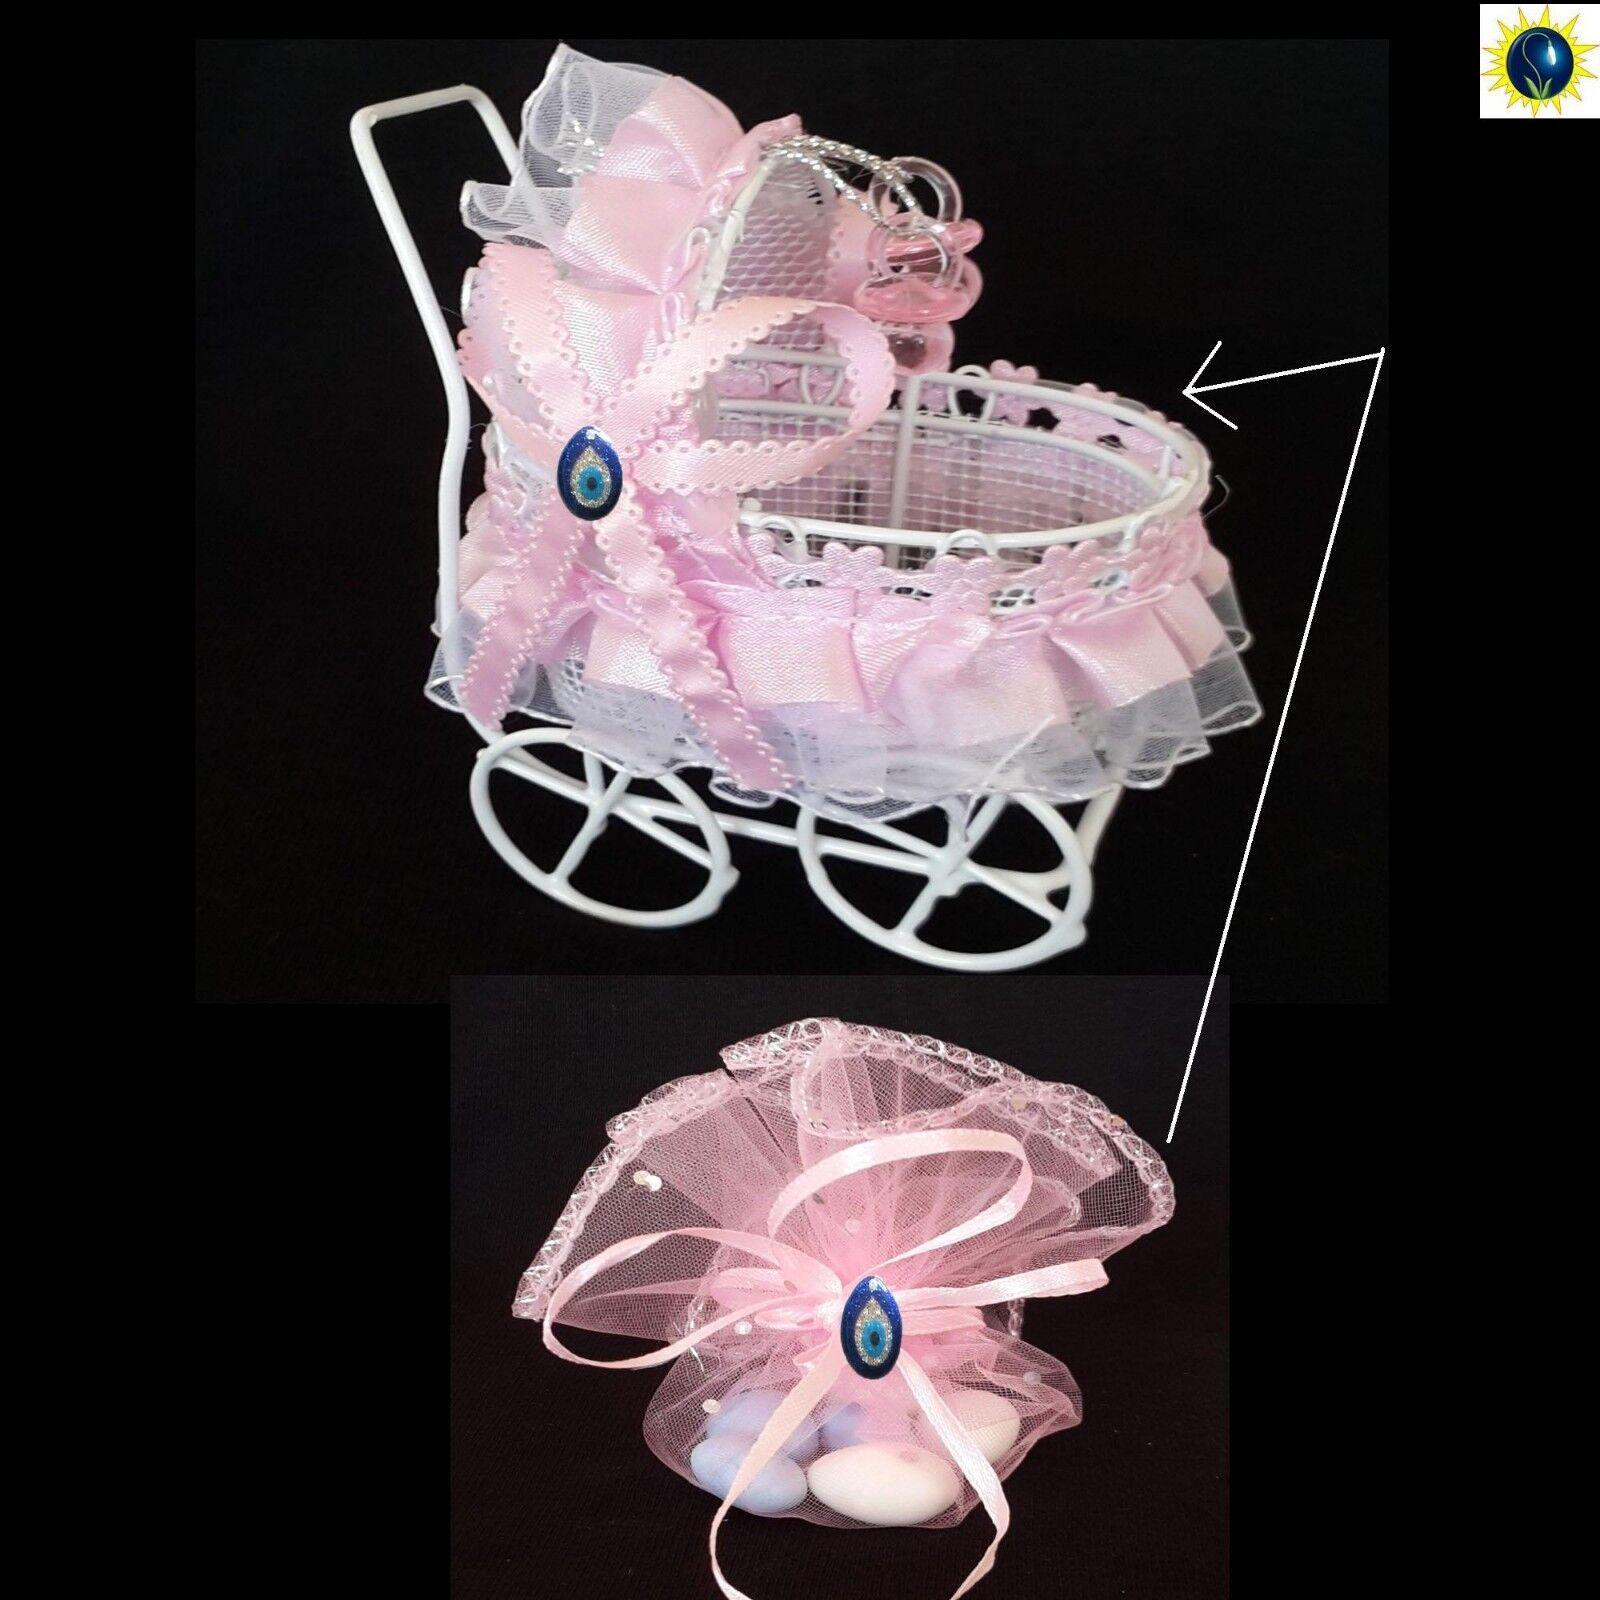 kommunion gastgeschenke baby taufe battesimo tischdeko. Black Bedroom Furniture Sets. Home Design Ideas